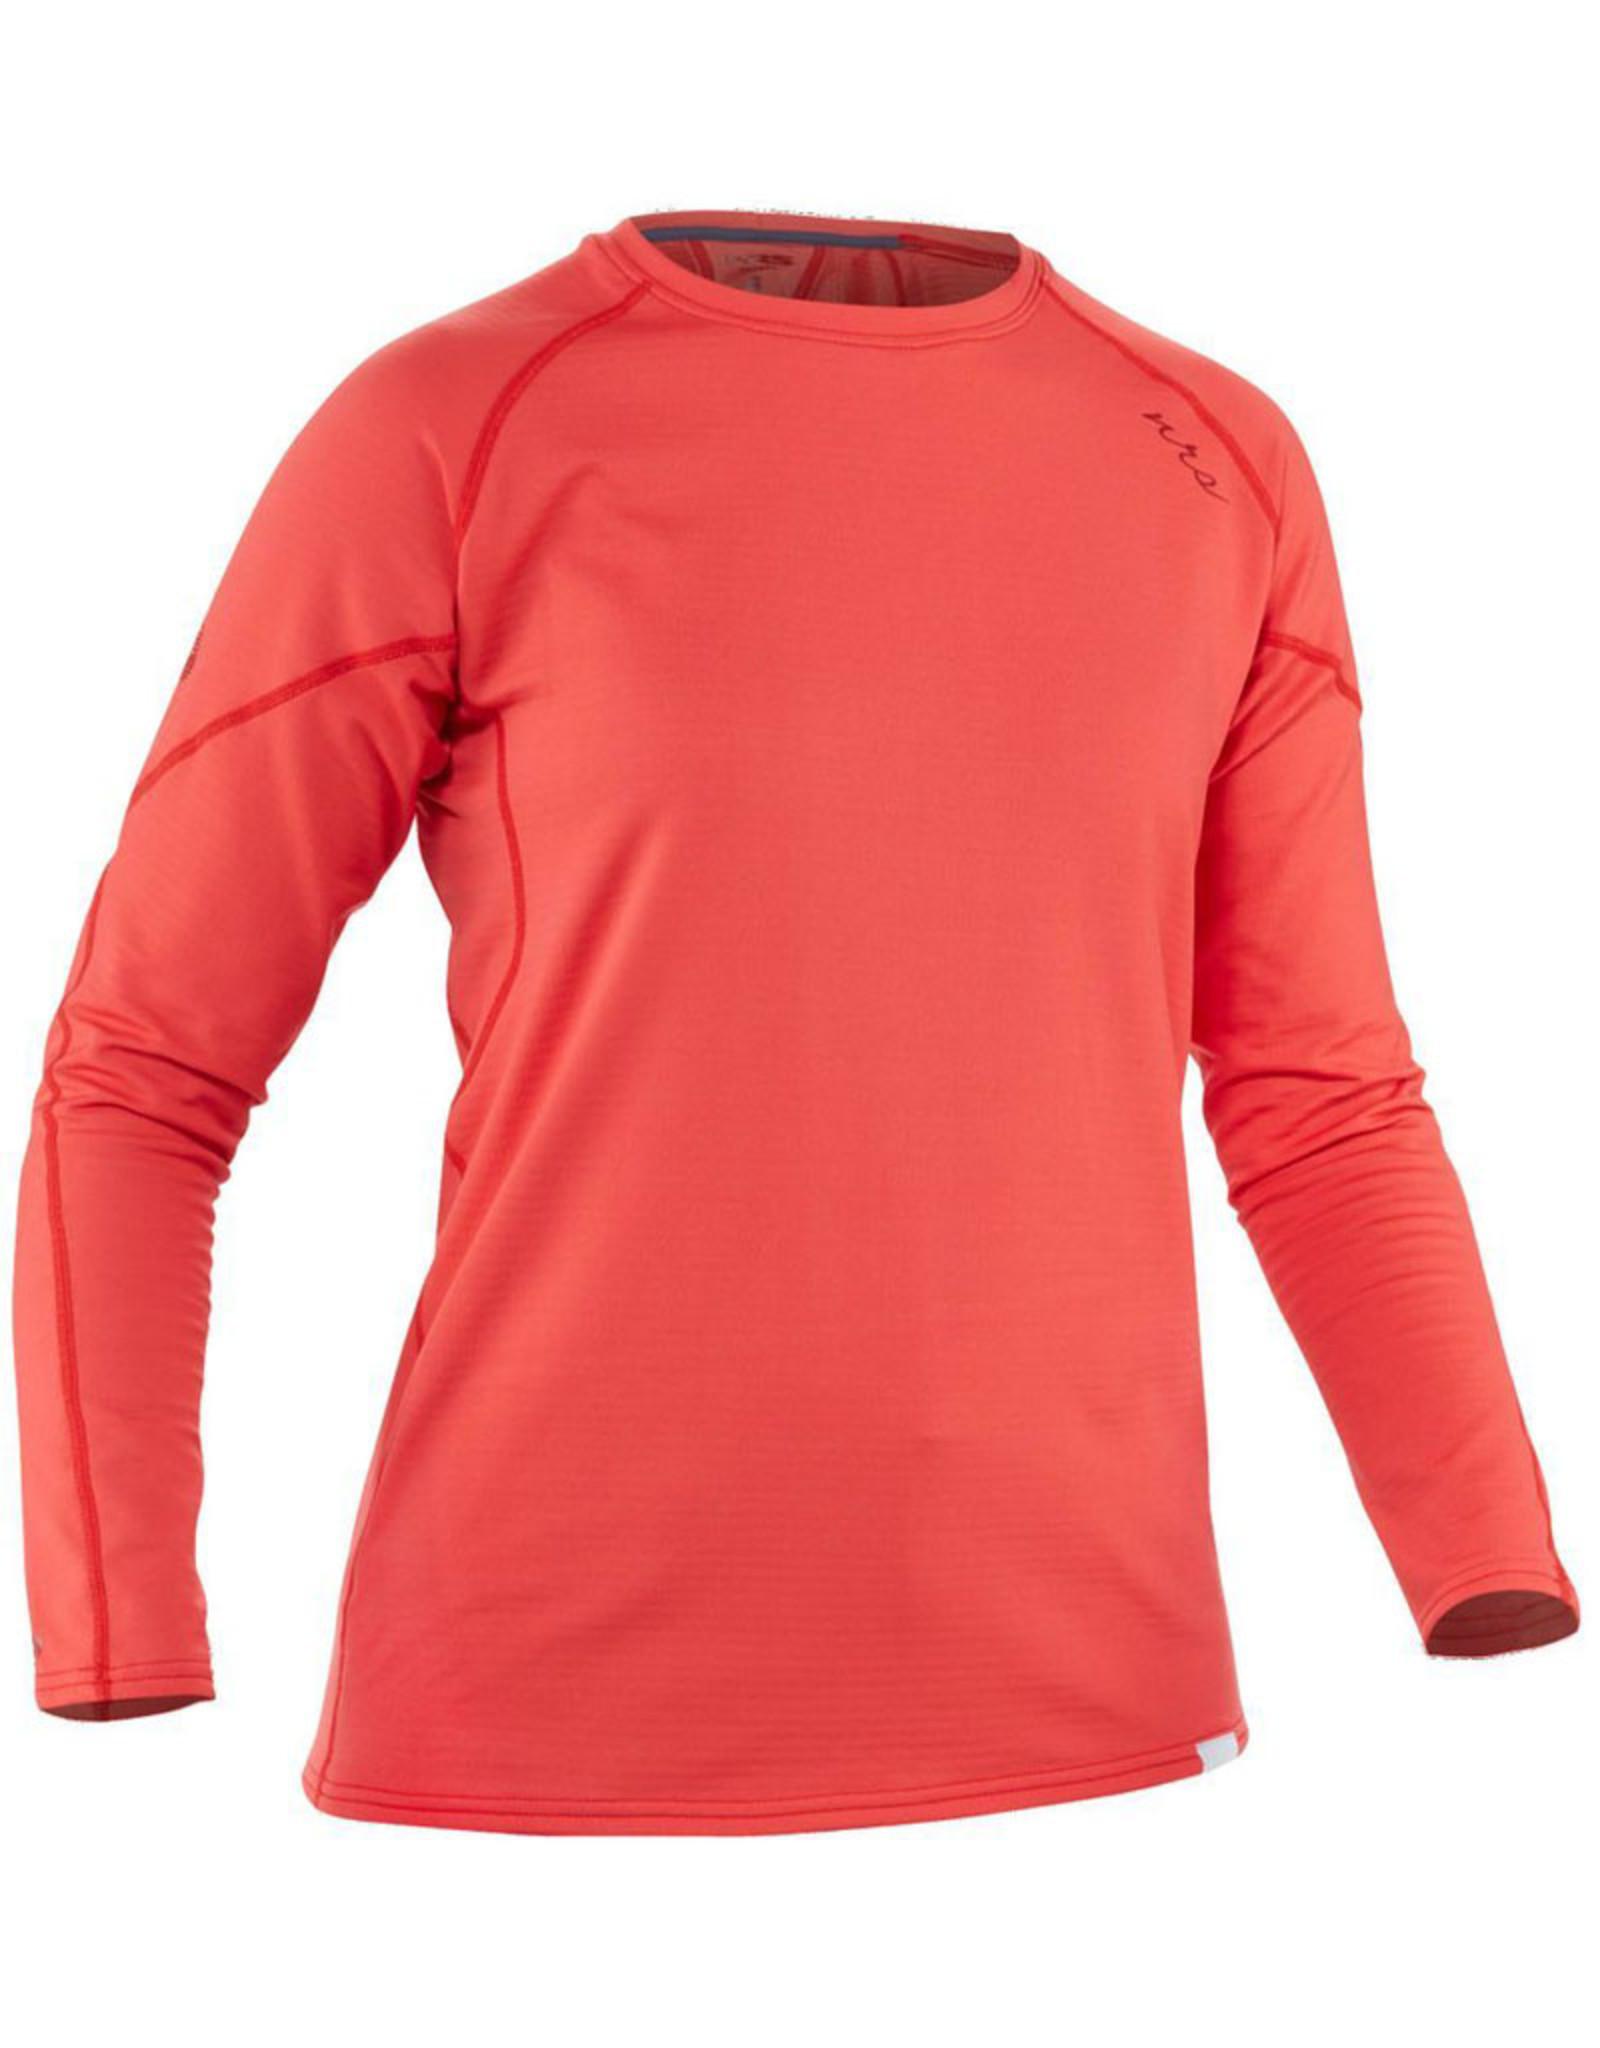 NRS NRS H2Core Lightweight Shirt - Wms